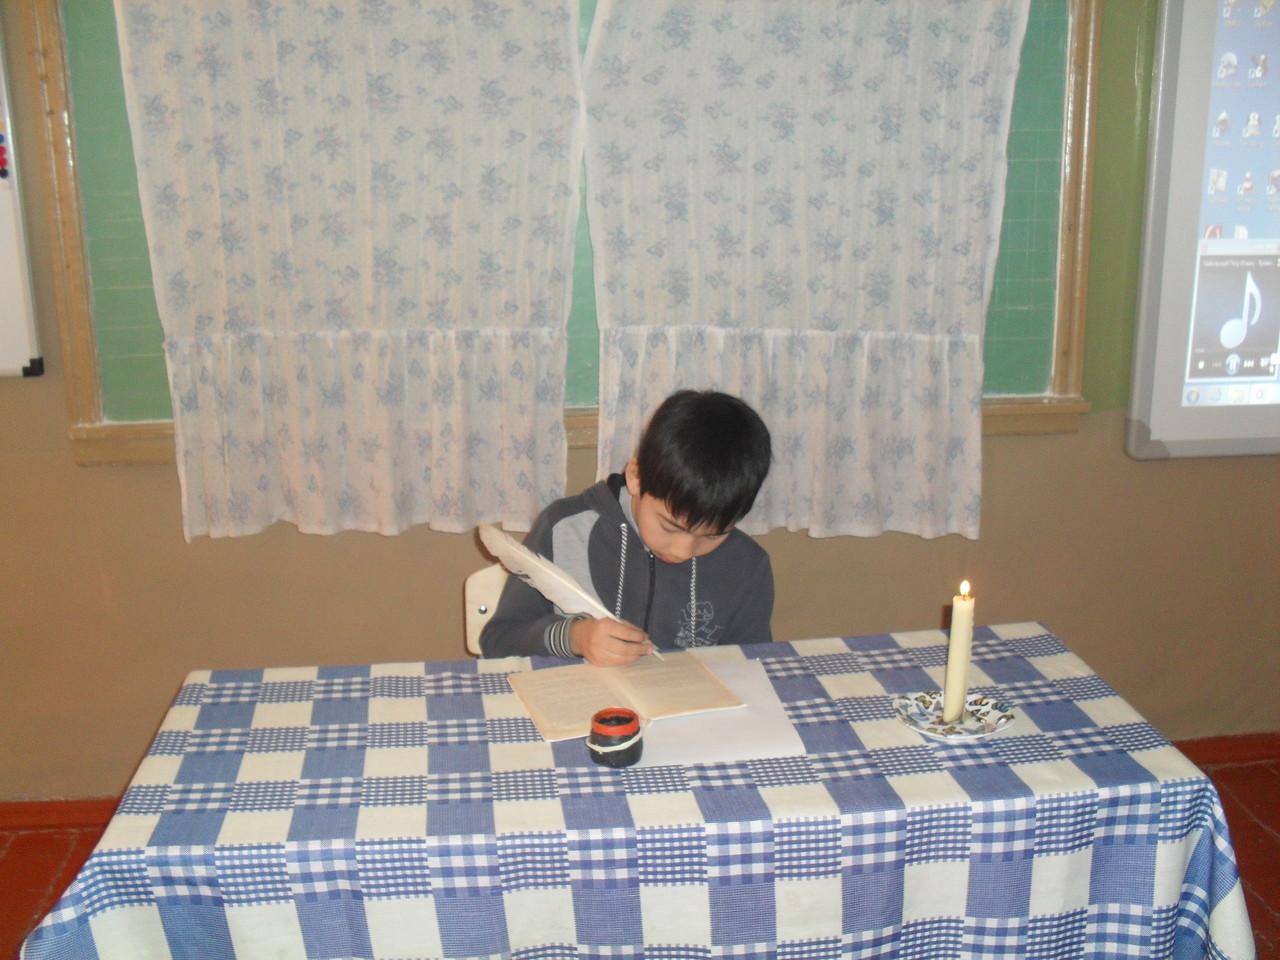 """Сценка из рассказа А.П.Чехова """"Ванька""""(письмо Ваньки Жукова дедушке)"""